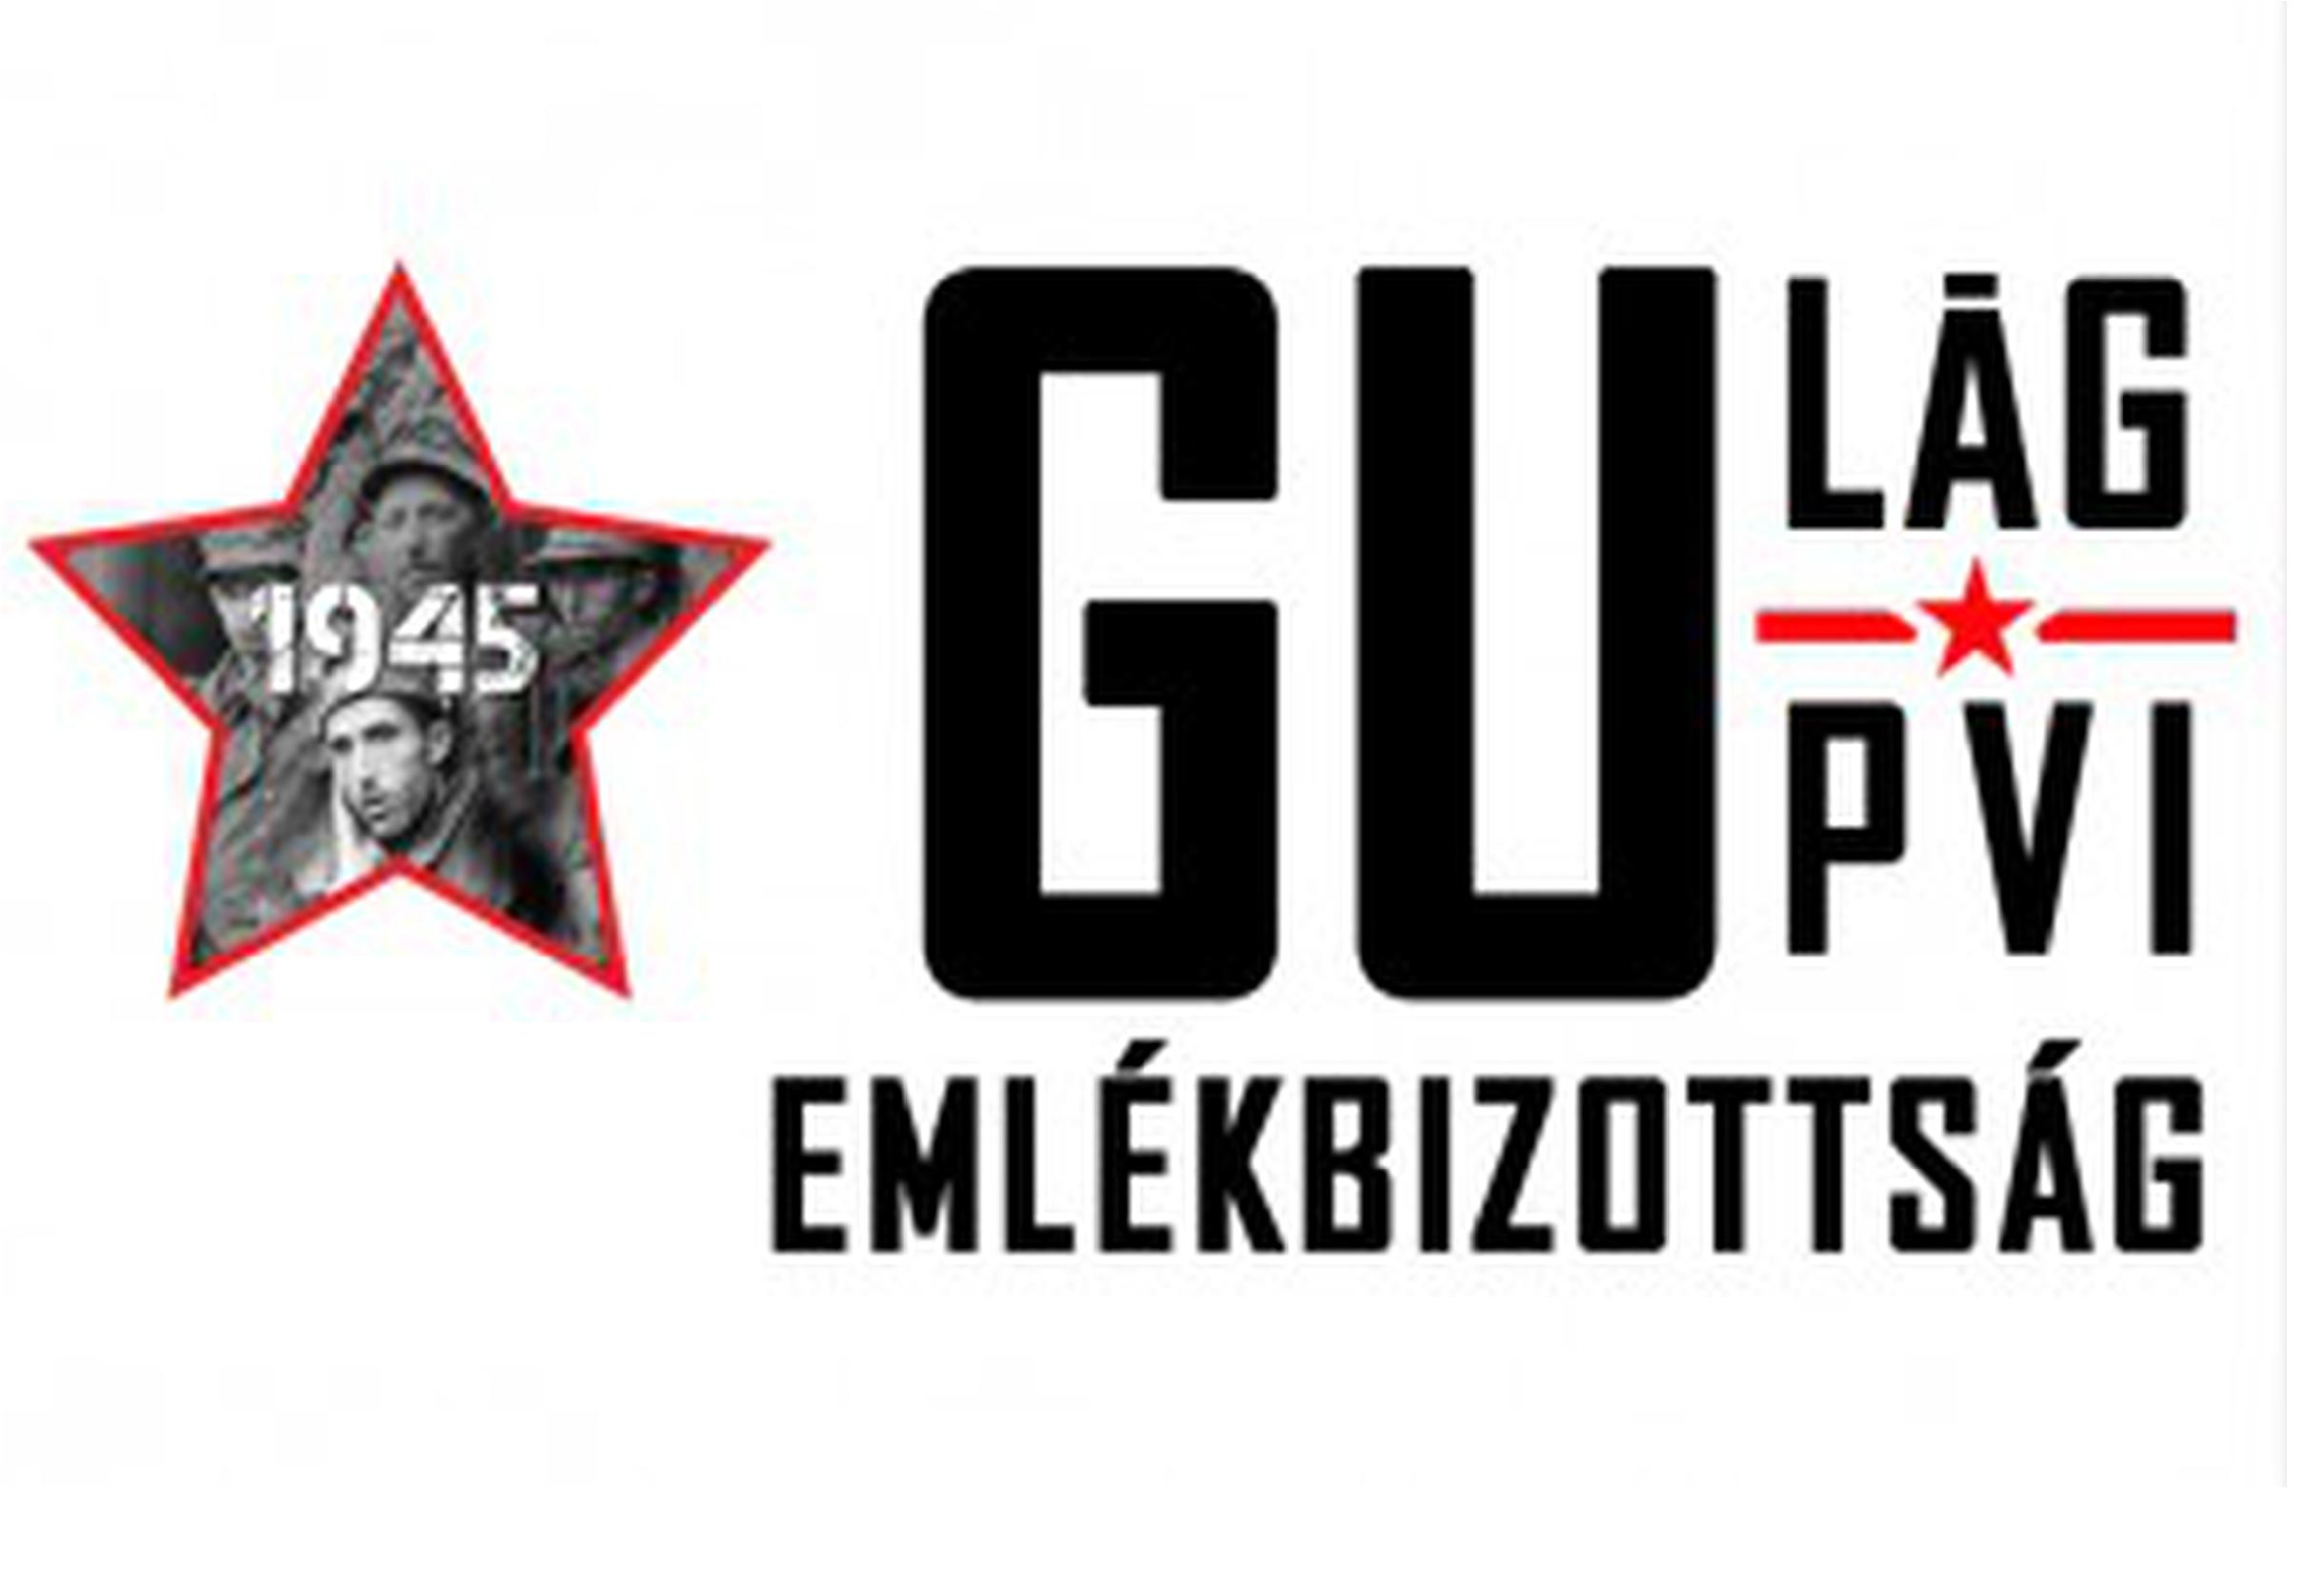 Gulág-Gupvi Emlékbizottság - logo